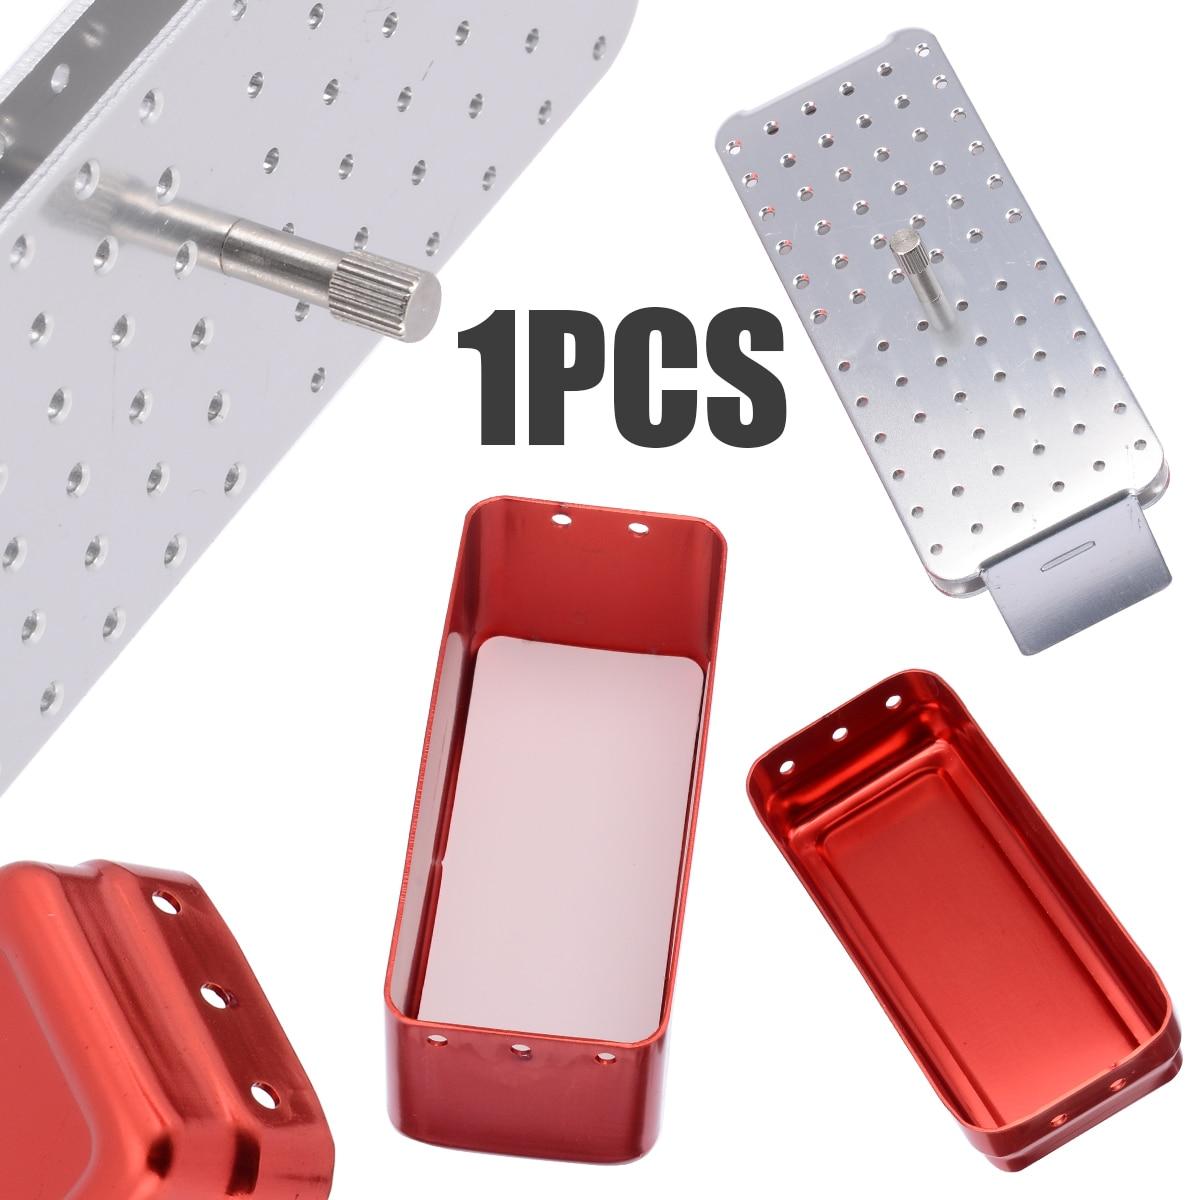 1pc Aluminum Dental Disinfection Box Autoclave Sterilizer Case Burs Endo Files Holder 105 X 45 X 50mm 72 Holes For Burs